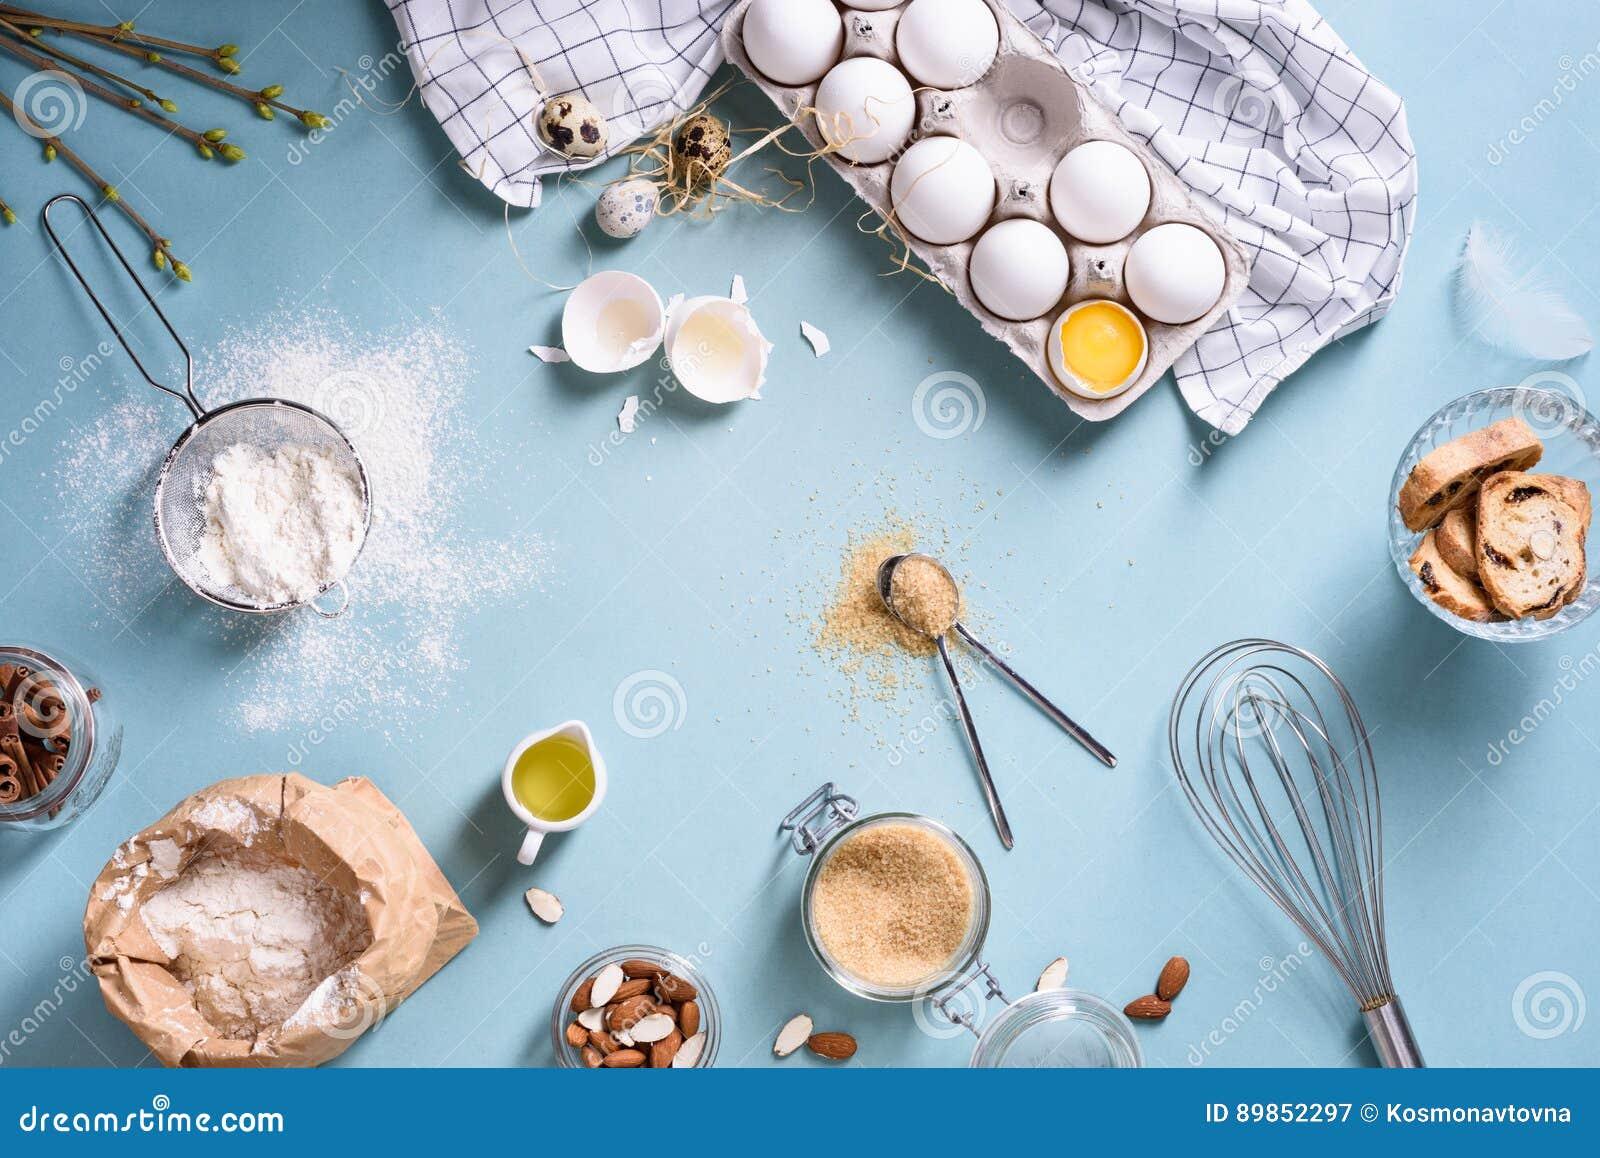 Ingredientes de la panadería - harina, huevos, mantequilla, azúcar, yema de huevo, nueces de la almendra en la tabla azul Concept